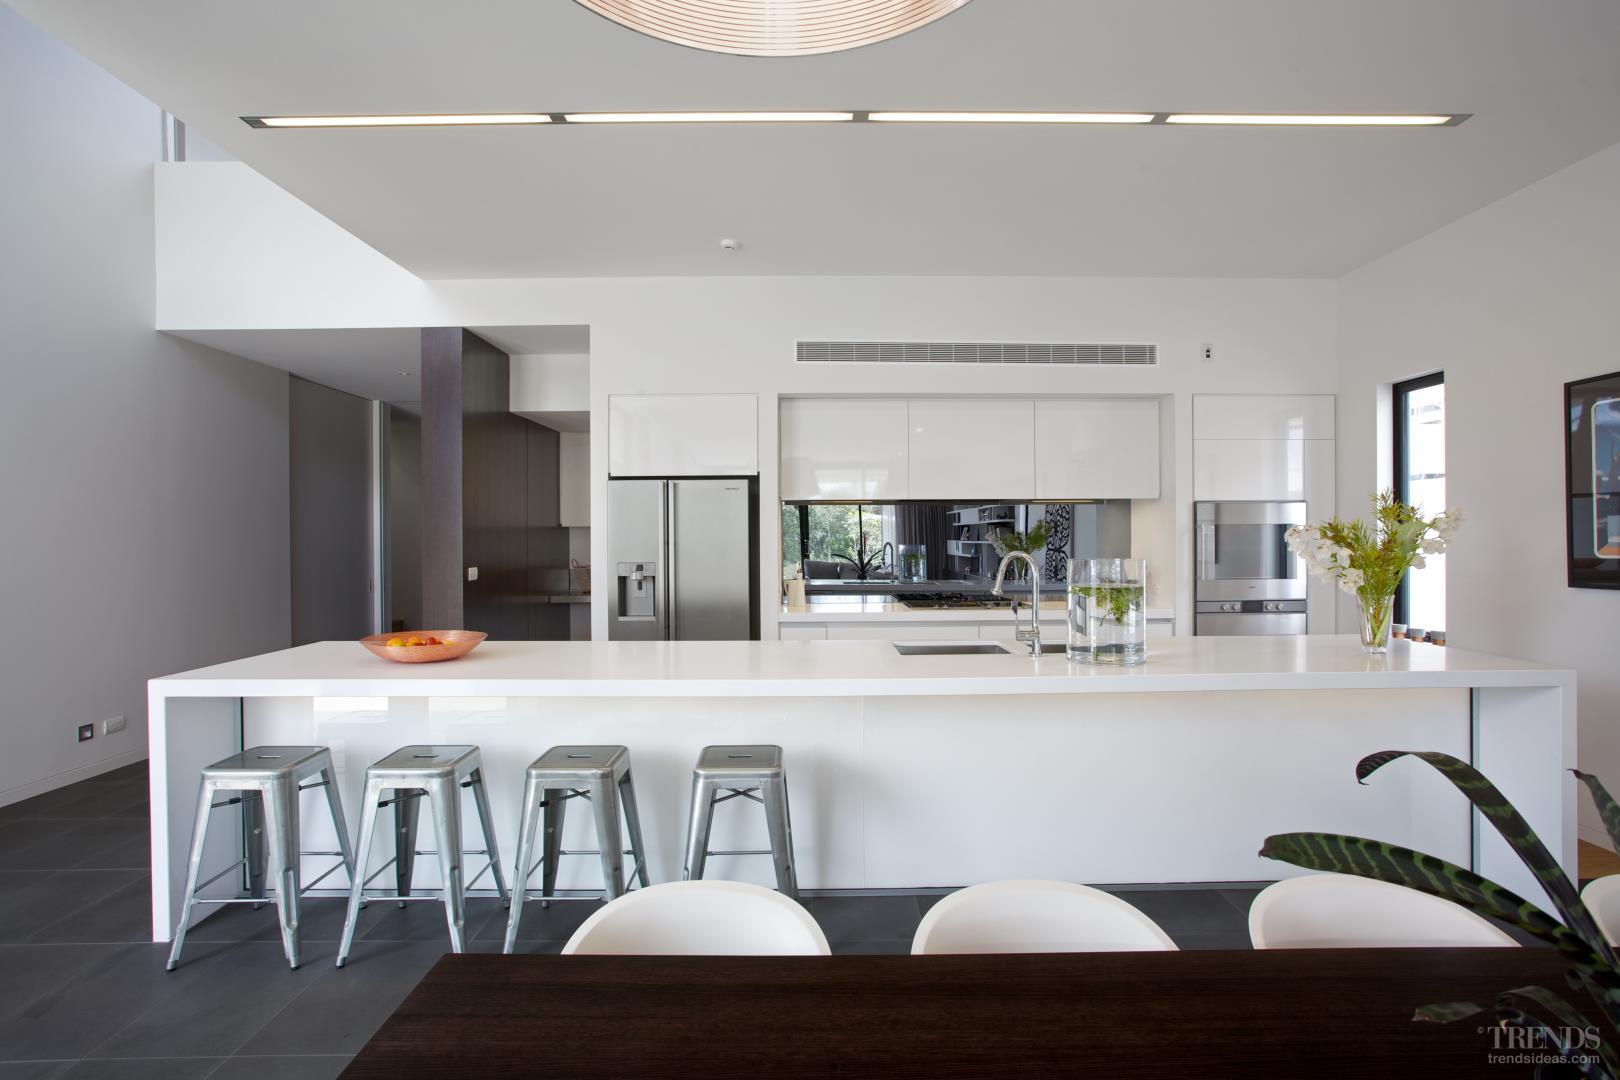 60 cozinhas com espelhos decoradas fotos lindas for Federation kitchen designs